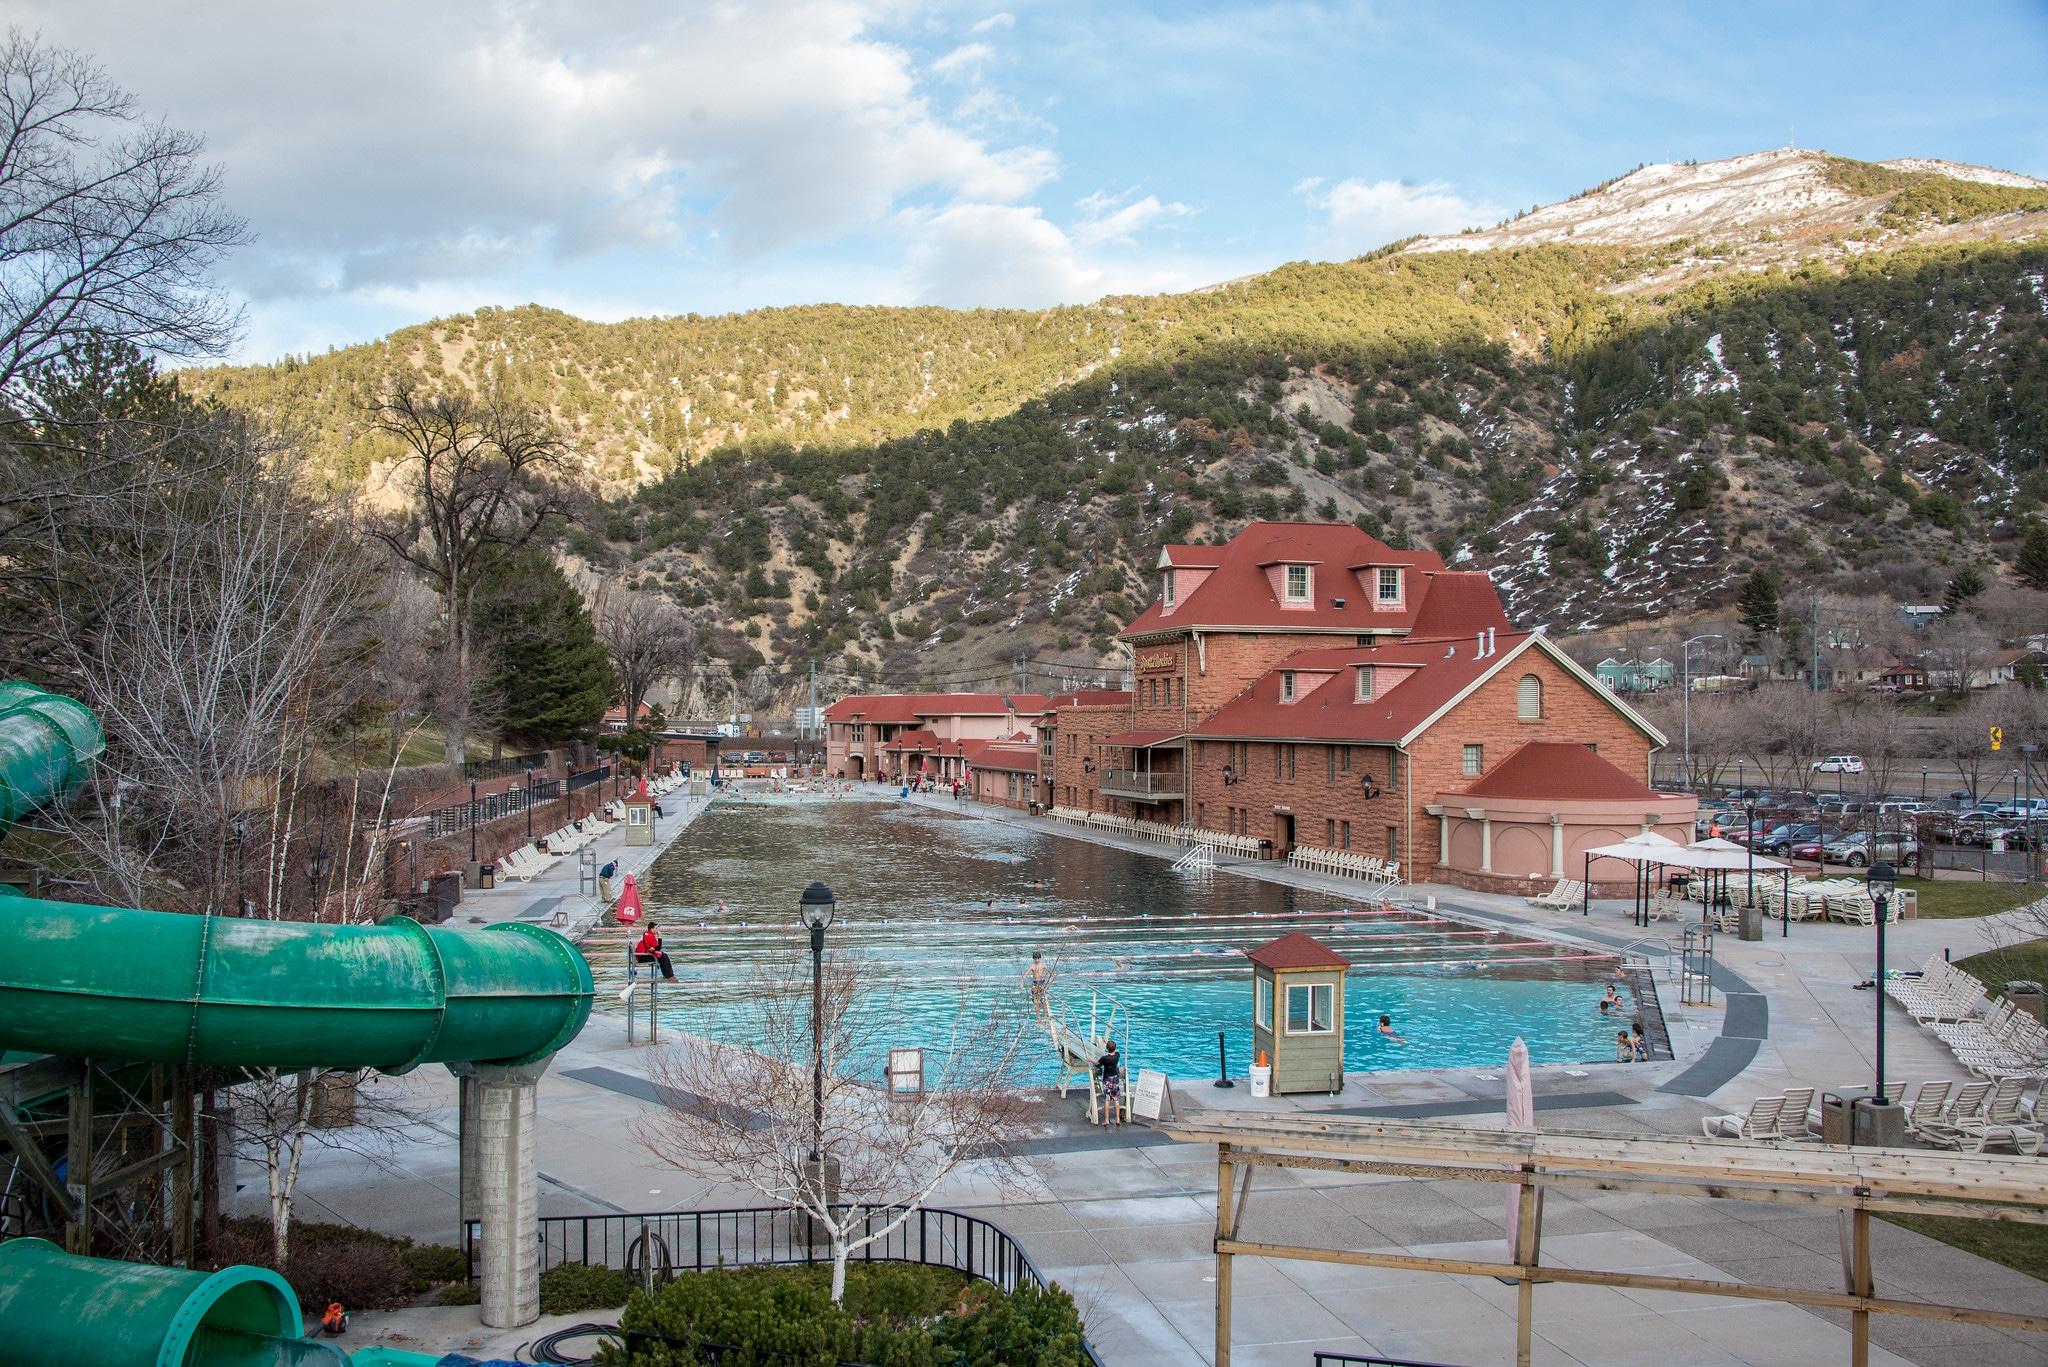 image of glenwood hot springs pool